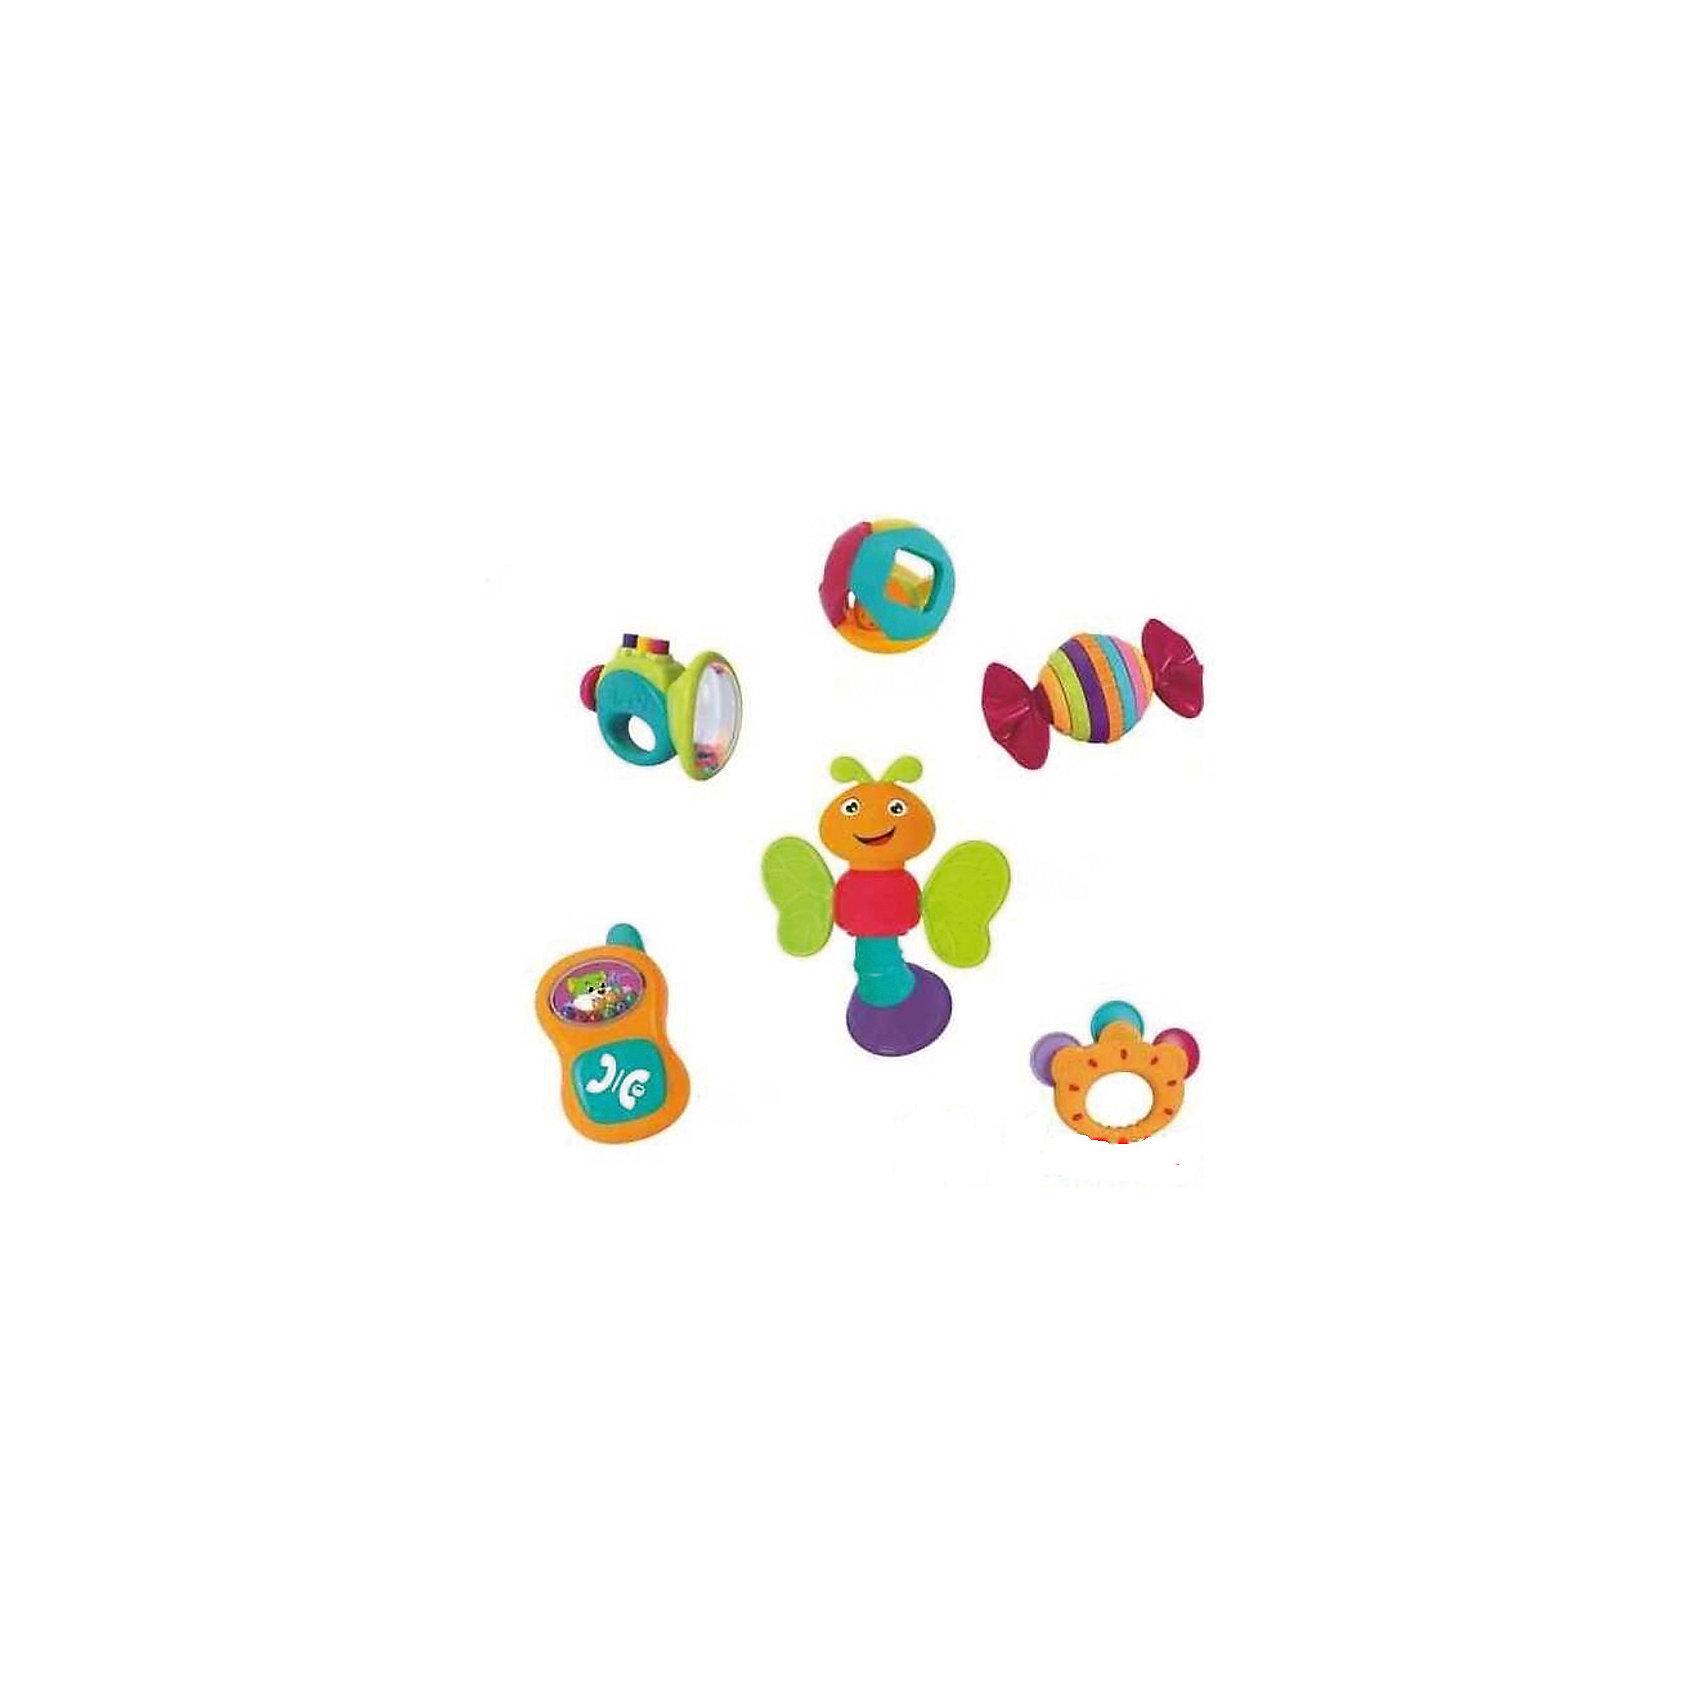 Набор погремушекПогремушки<br>Набор игрушек-погремушек Huile Toys будет отличным приобретением для Вашего крохи и подарит ему море  удовольствия и незабываемые эмоции  благодаря разнообразию цветов,  форм и звуков. В наборе есть погремушка в виде шара с шариком внутри,звонкий бубен, пчёлка с крылышками, которые могут служить прорезывателями, а голова крутится ииздает трескучий звук, труба с пищащими кнопками, конфета-трещотка с вращающимисяэлементами и телефон со щелкающей кнопкой. Игры с погремушками будут способствовать развитию у ребенка мелкой моторики рук, хватательного рефлекса и цветового восприятия. Игрушки выполнены в ярких красочных цветах, их края закруглены во избежание травм малыша. <br><br>Дополнительная информация: <br><br>- возраст: от 3 месяцев<br>- пол: для мальчиков и девочек<br>- комплект: 6 погремушек.<br>- материал: пластик.<br>- упаковка: картонная коробка блистерного типа.<br><br>Набор погремушек можно купить в нашем интернет-магазине.<br><br>Ширина мм: 480<br>Глубина мм: 310<br>Высота мм: 90<br>Вес г: 950<br>Возраст от месяцев: 3<br>Возраст до месяцев: 2147483647<br>Пол: Унисекс<br>Возраст: Детский<br>SKU: 4904833